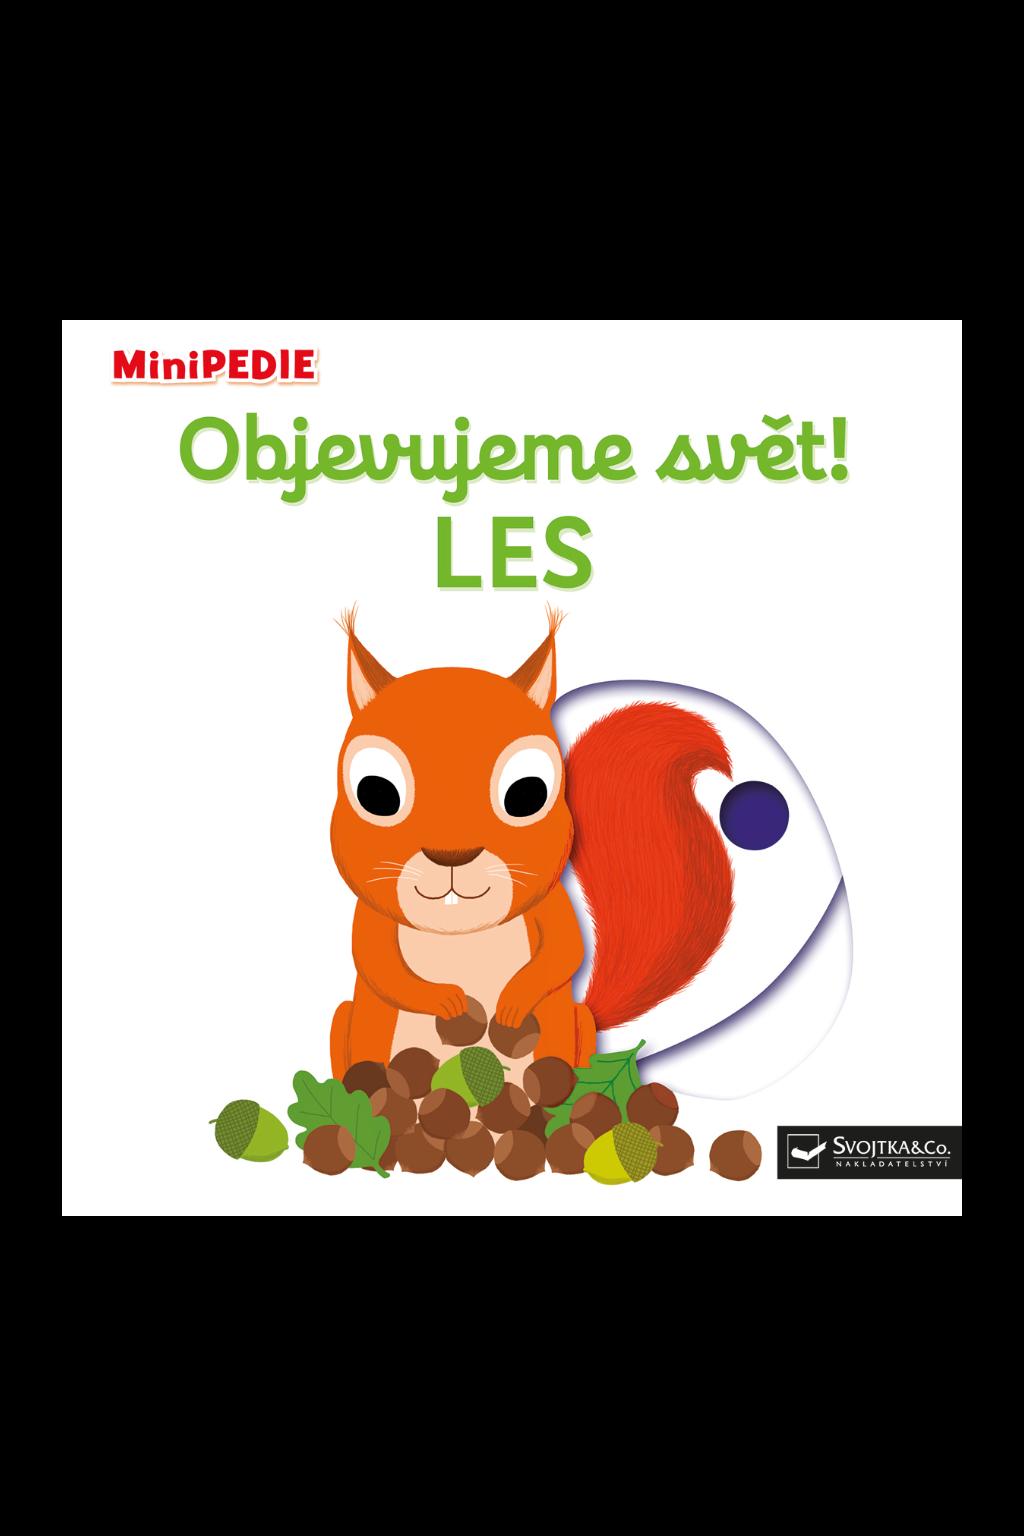 Levně MiniPEDIE - Objevujeme svět! LES